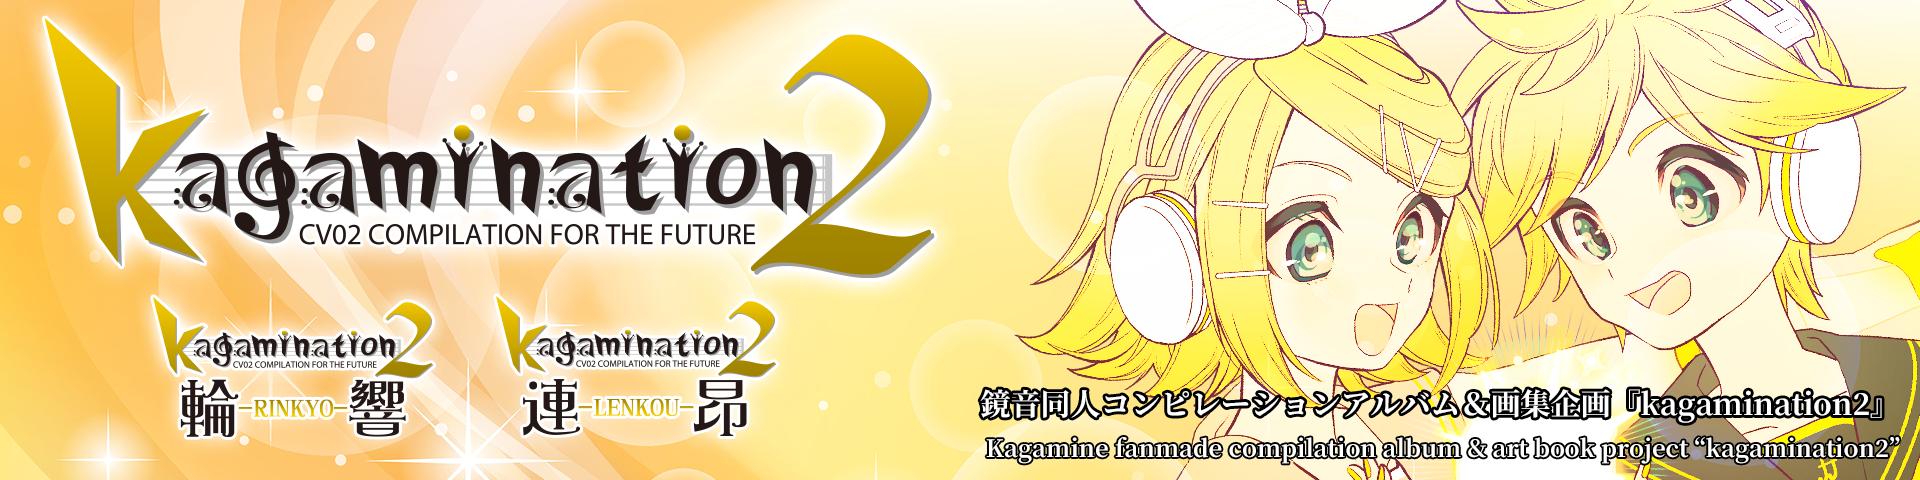 鏡音同人コンピアルバム&画集企画『kagamination2』